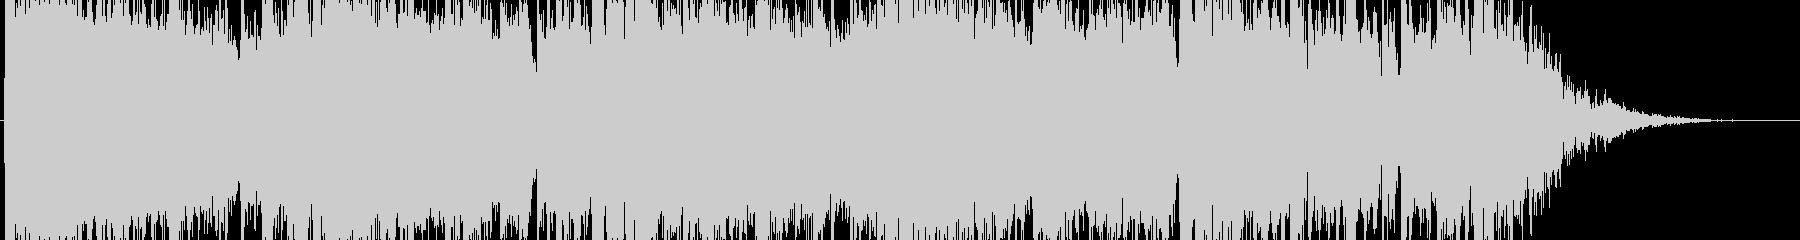 重圧感のある短いBGMの未再生の波形